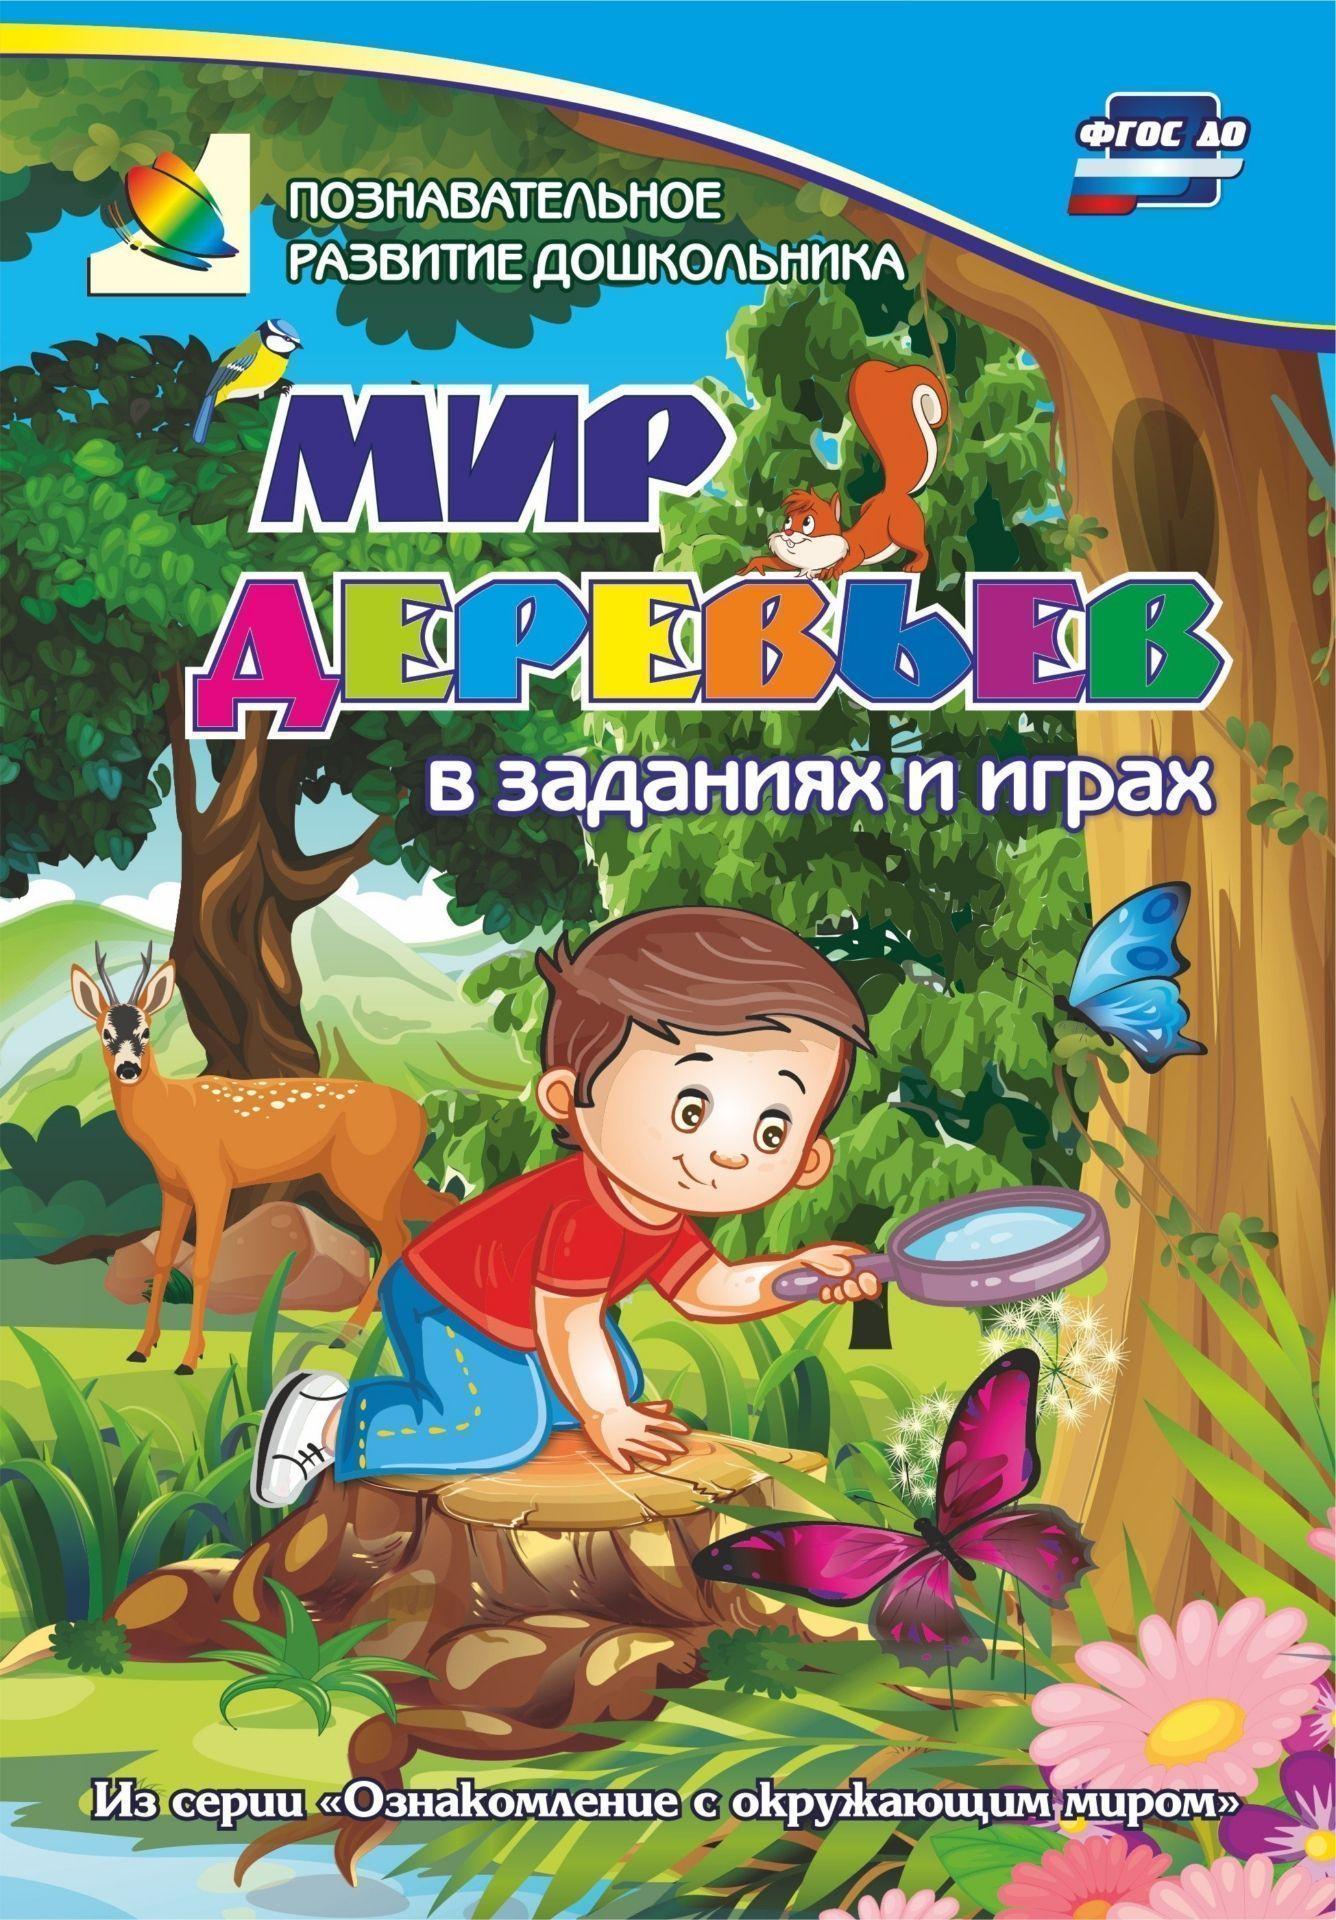 """Мир деревьев в заданиях и играх: из серии """"Ознакомление с окружающим миром"""". Для детей 5-7 лет"""